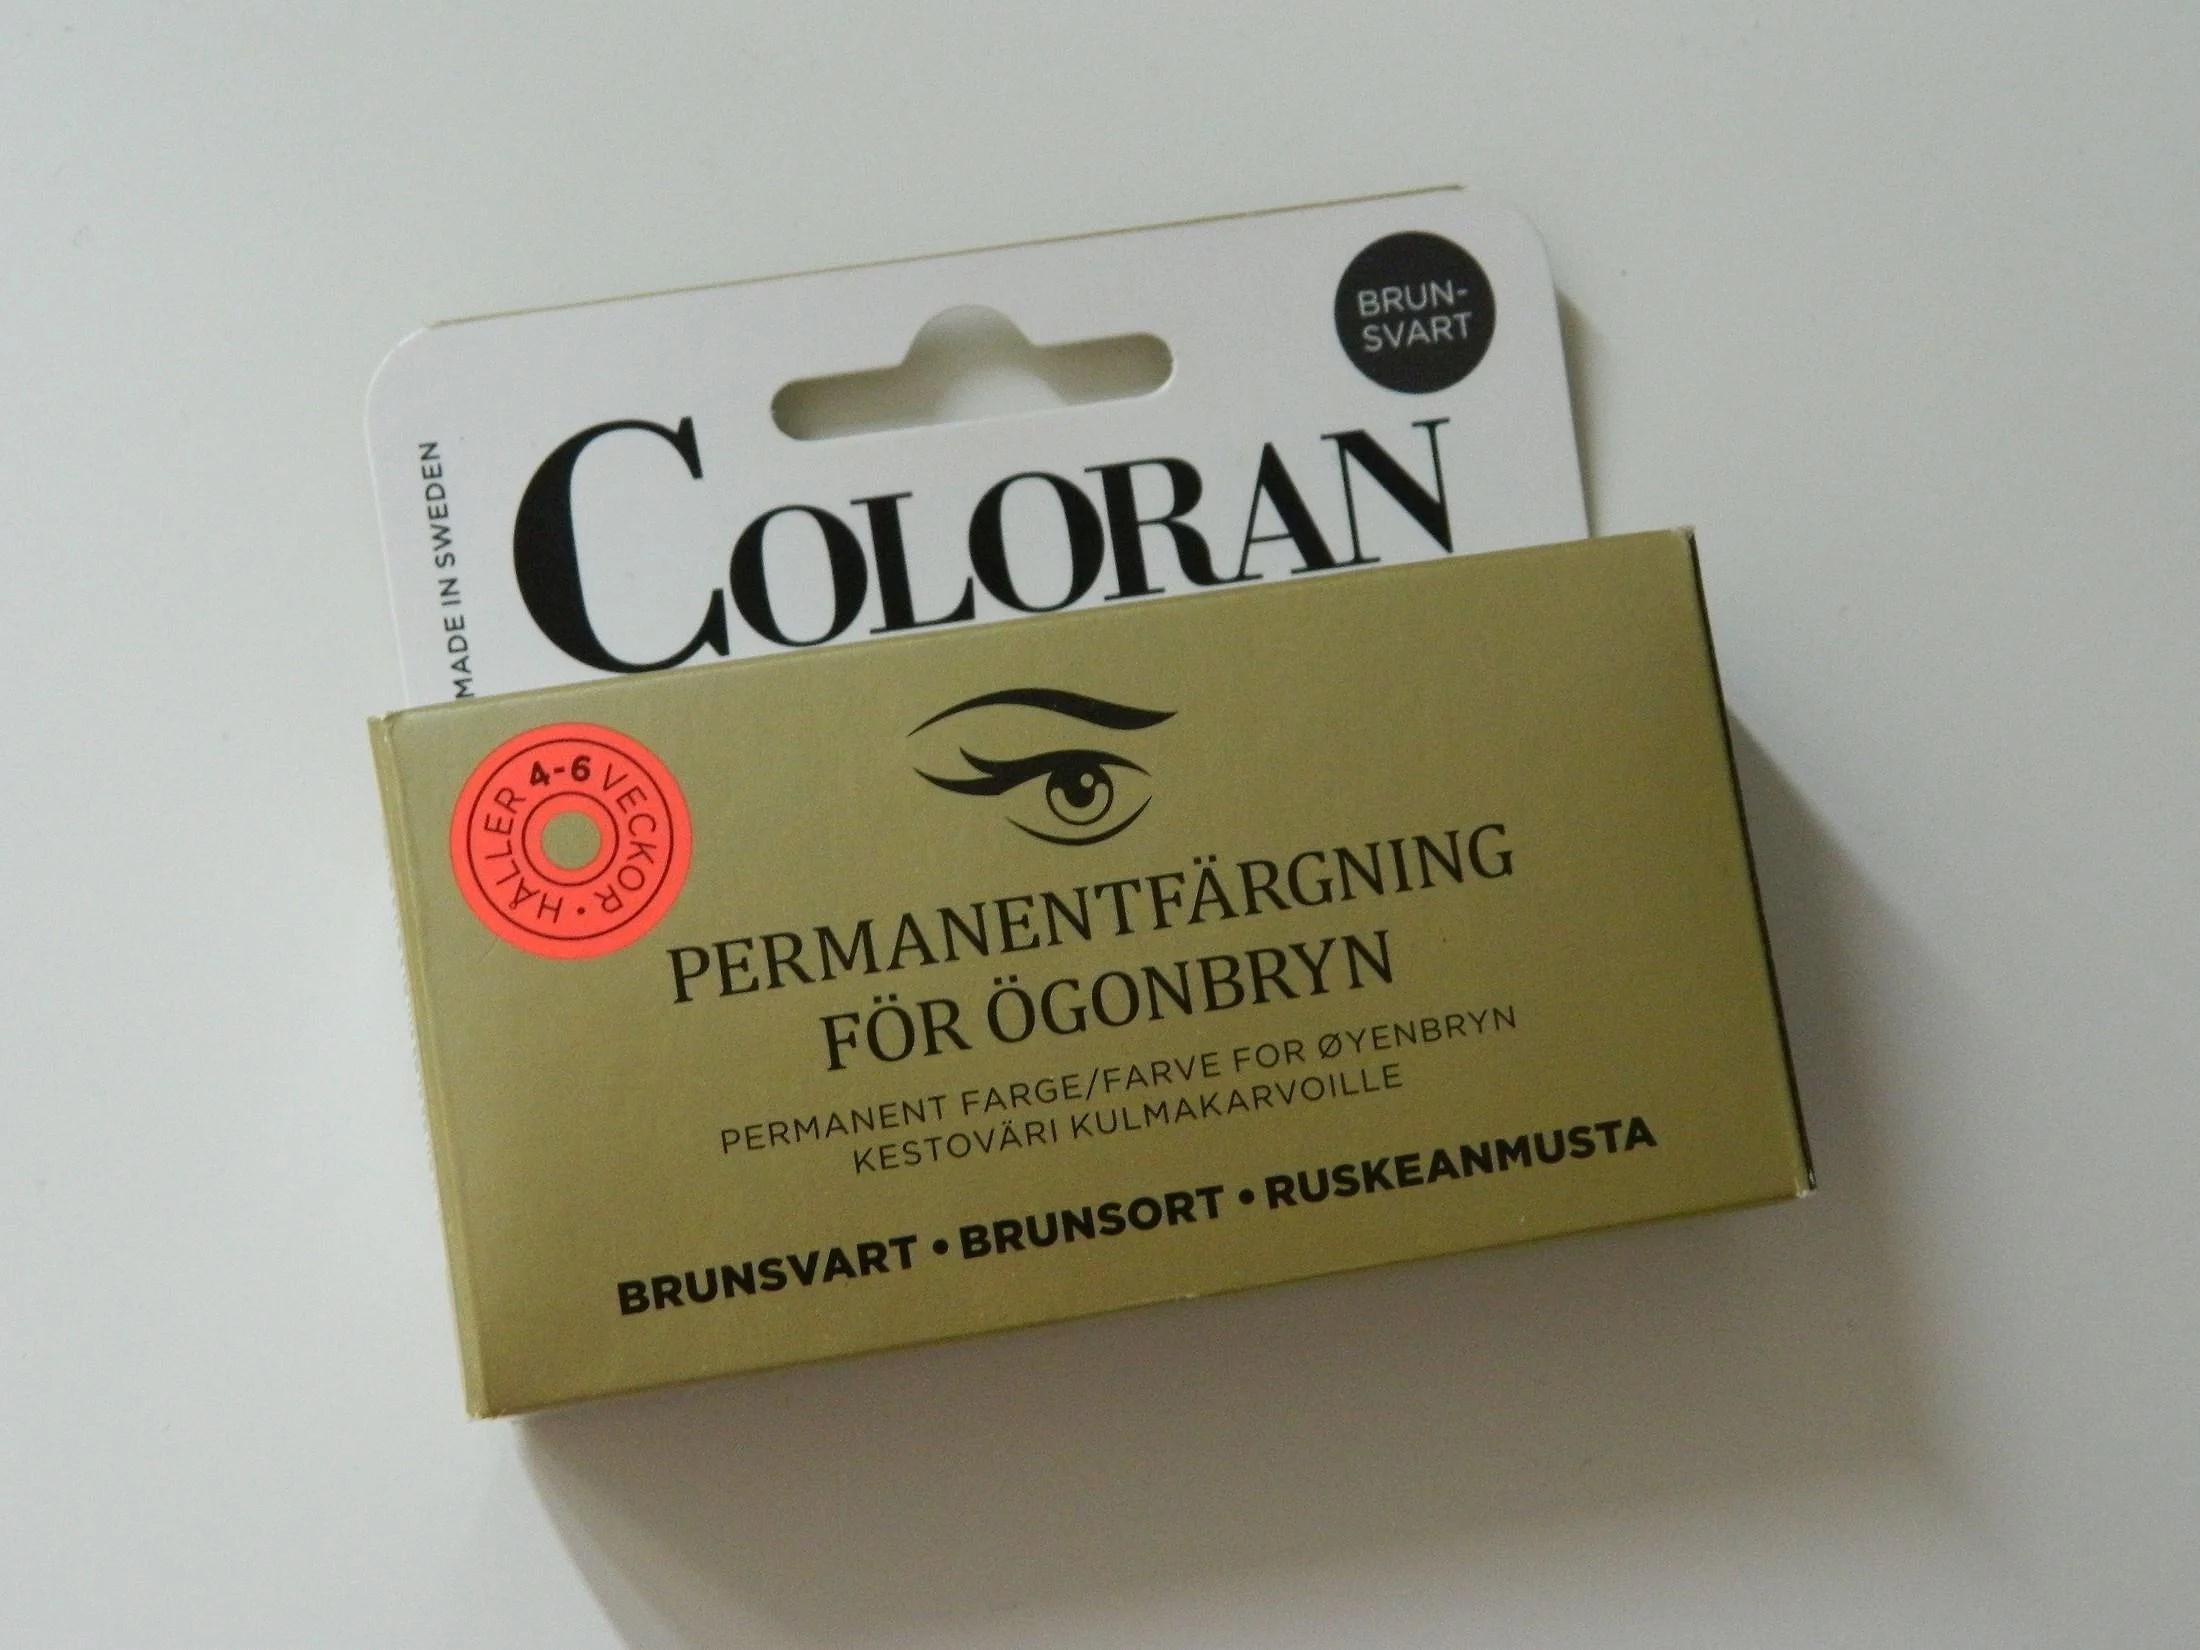 Brynfärg, akuten.